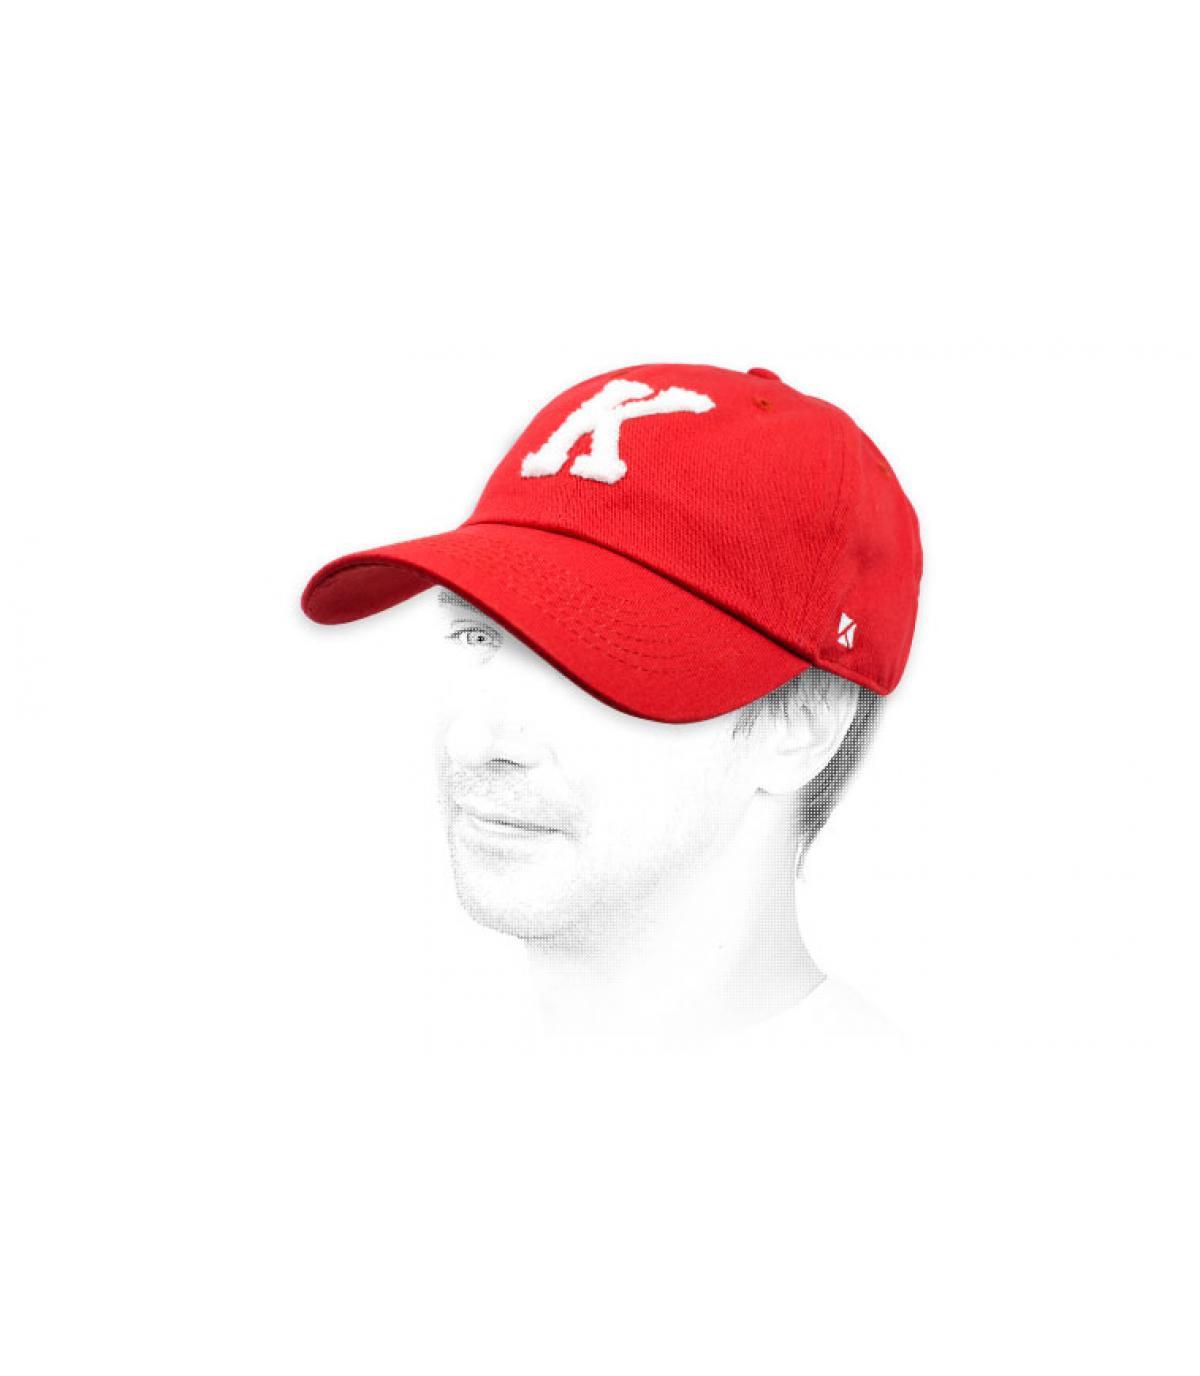 K bordeaux cap